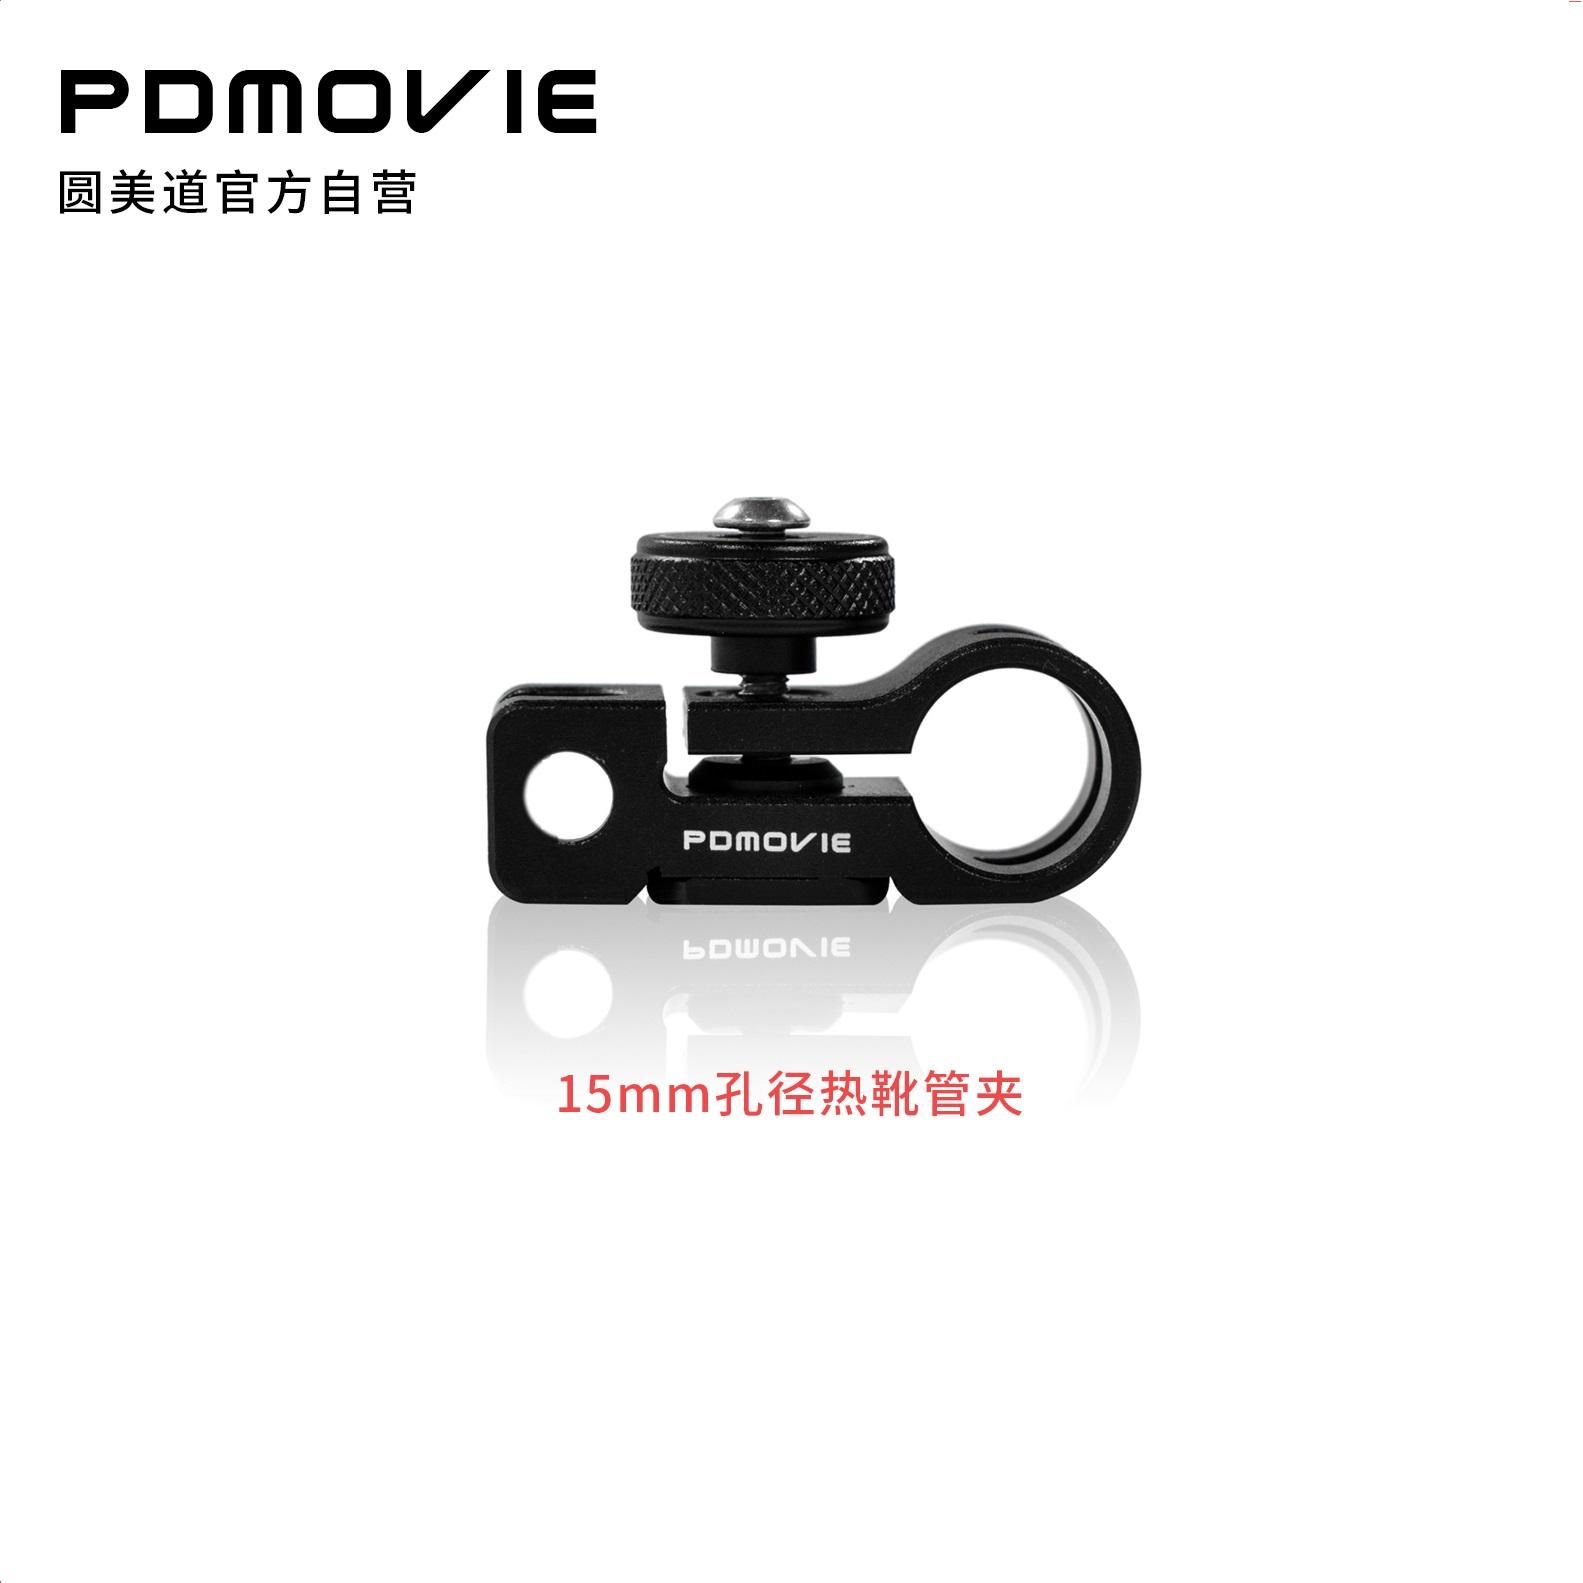 pdmovie-15mm-rod-hotshoe-clip-02.jpg